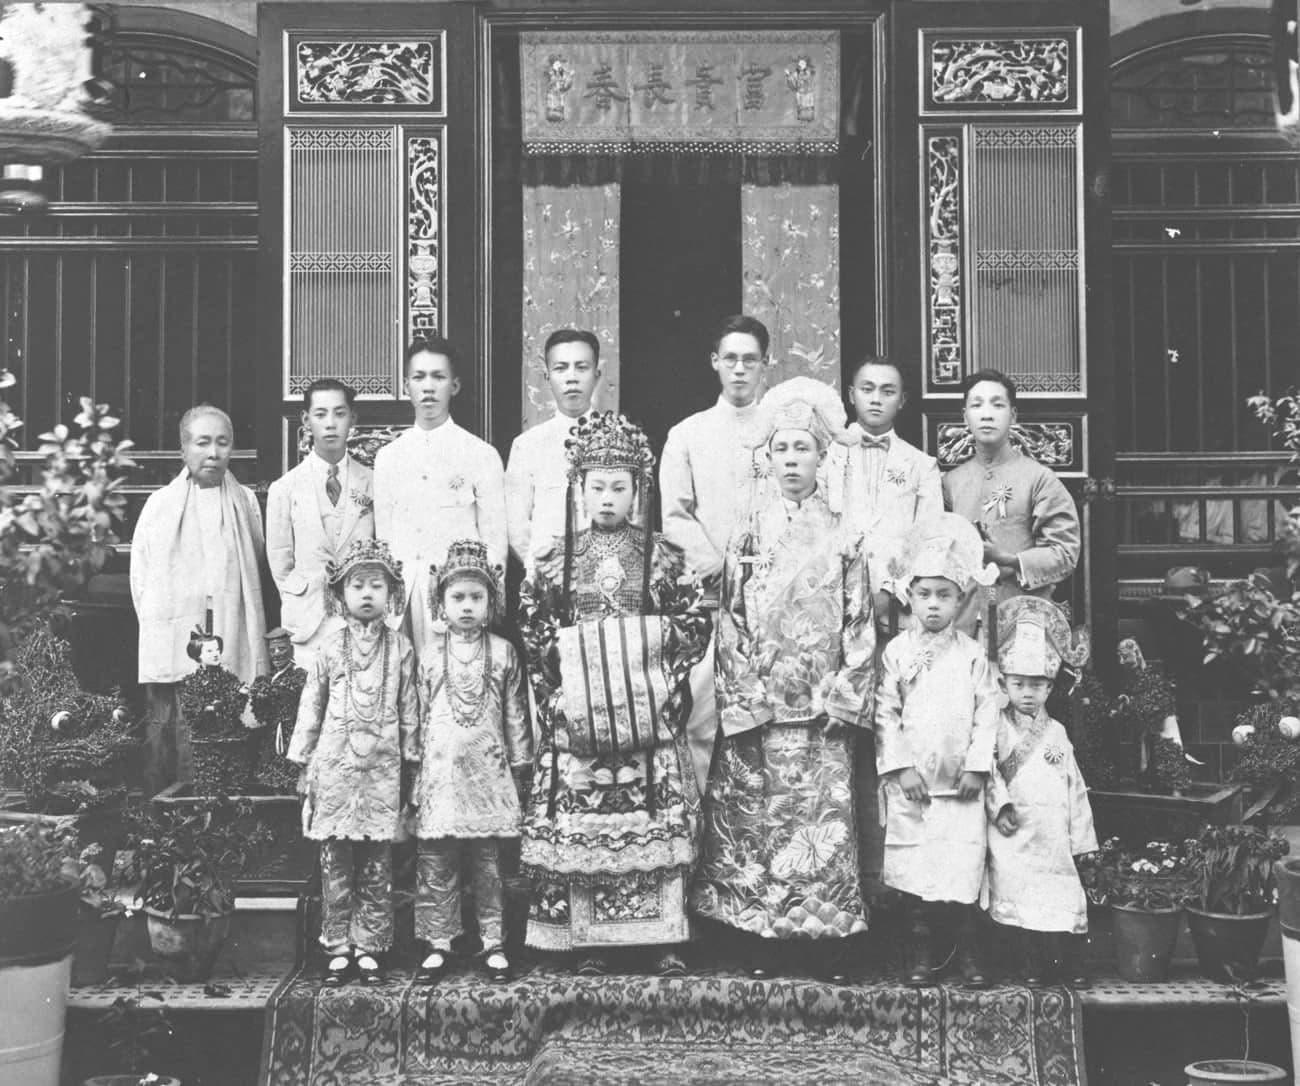 土生华人的婚礼,1925年